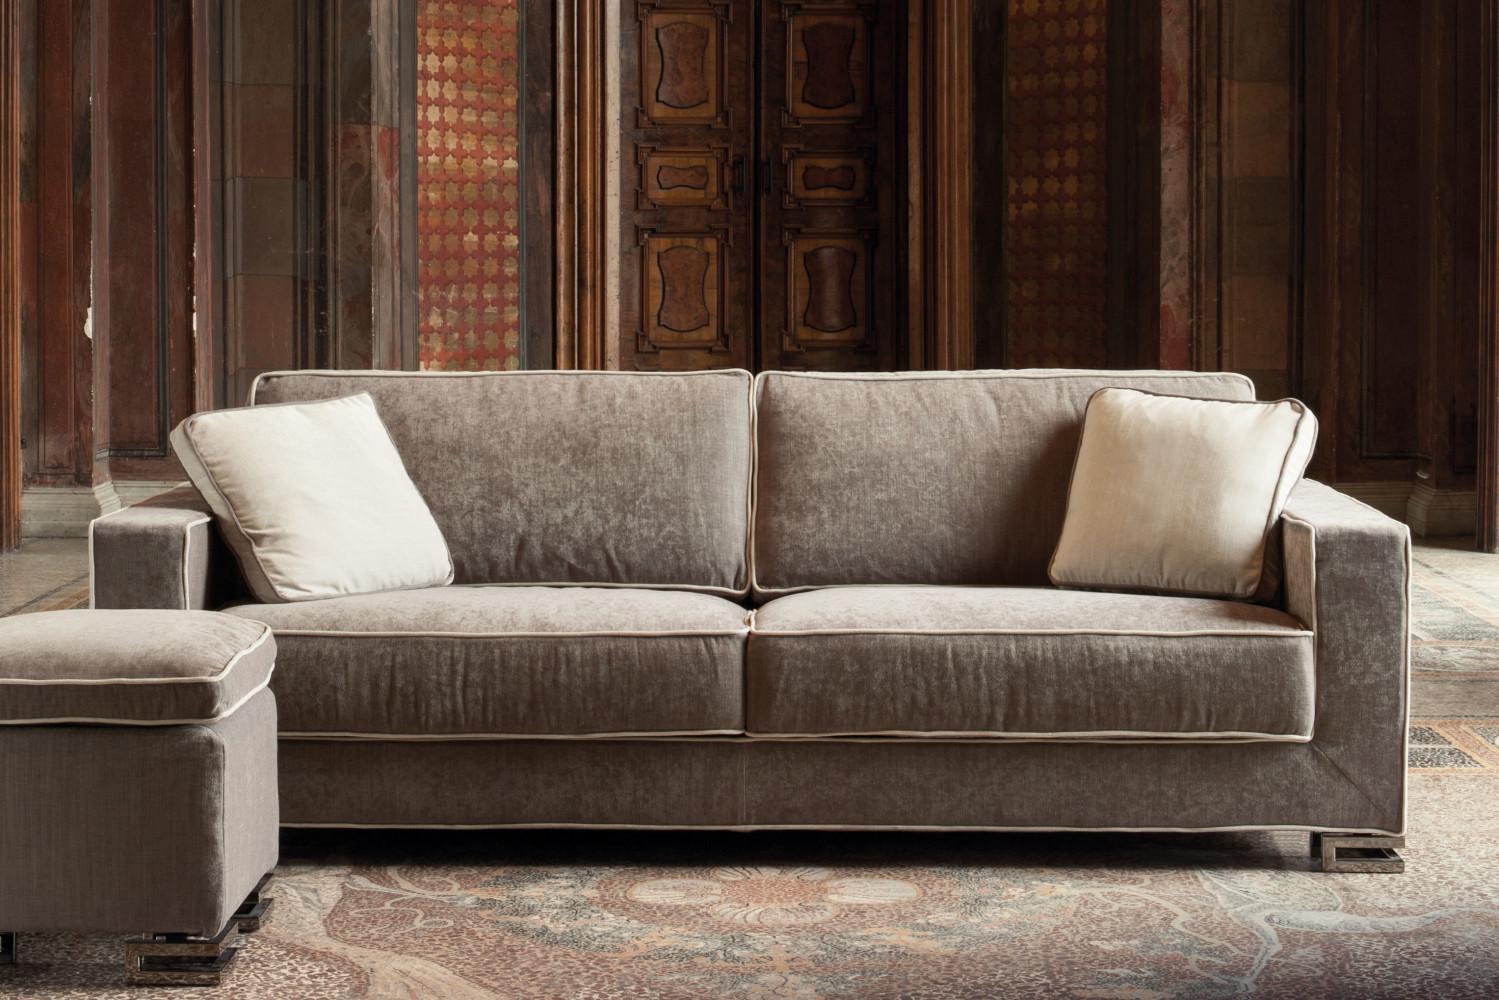 Cuscini quadrati con bottone garrison - Cuscini quadrati per divani ...